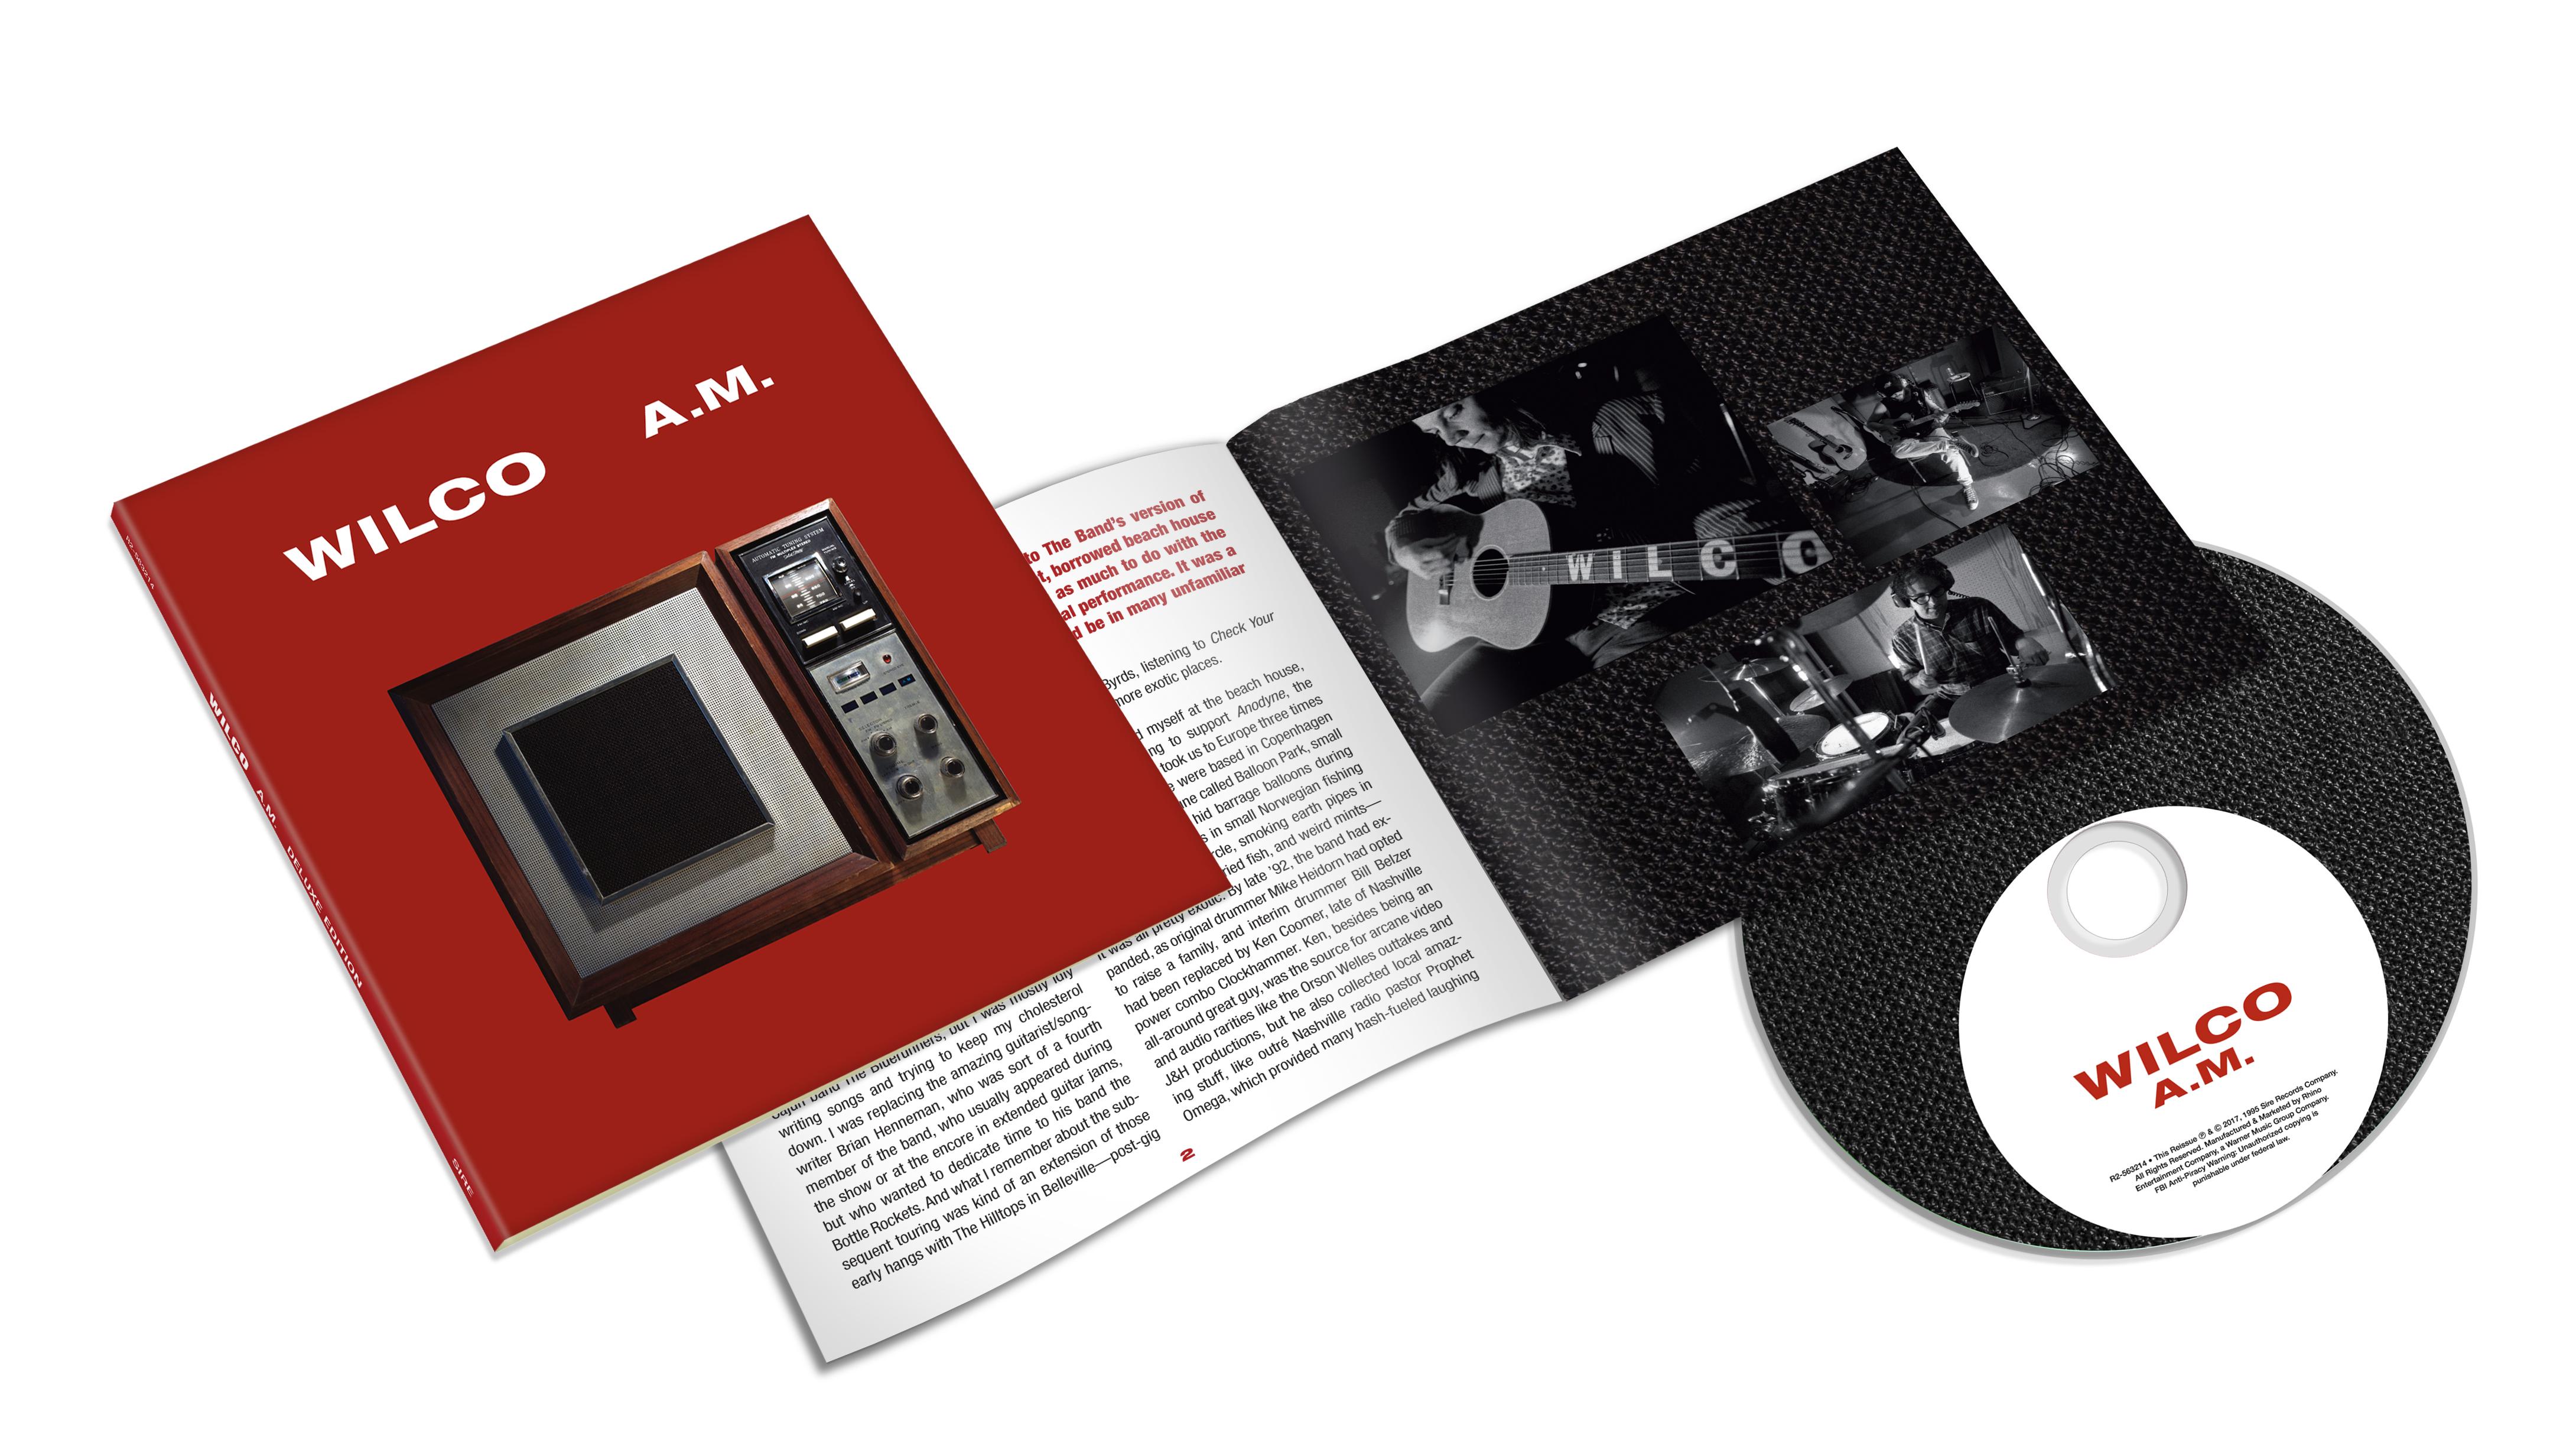 A M Deluxe Edition Rhino Media